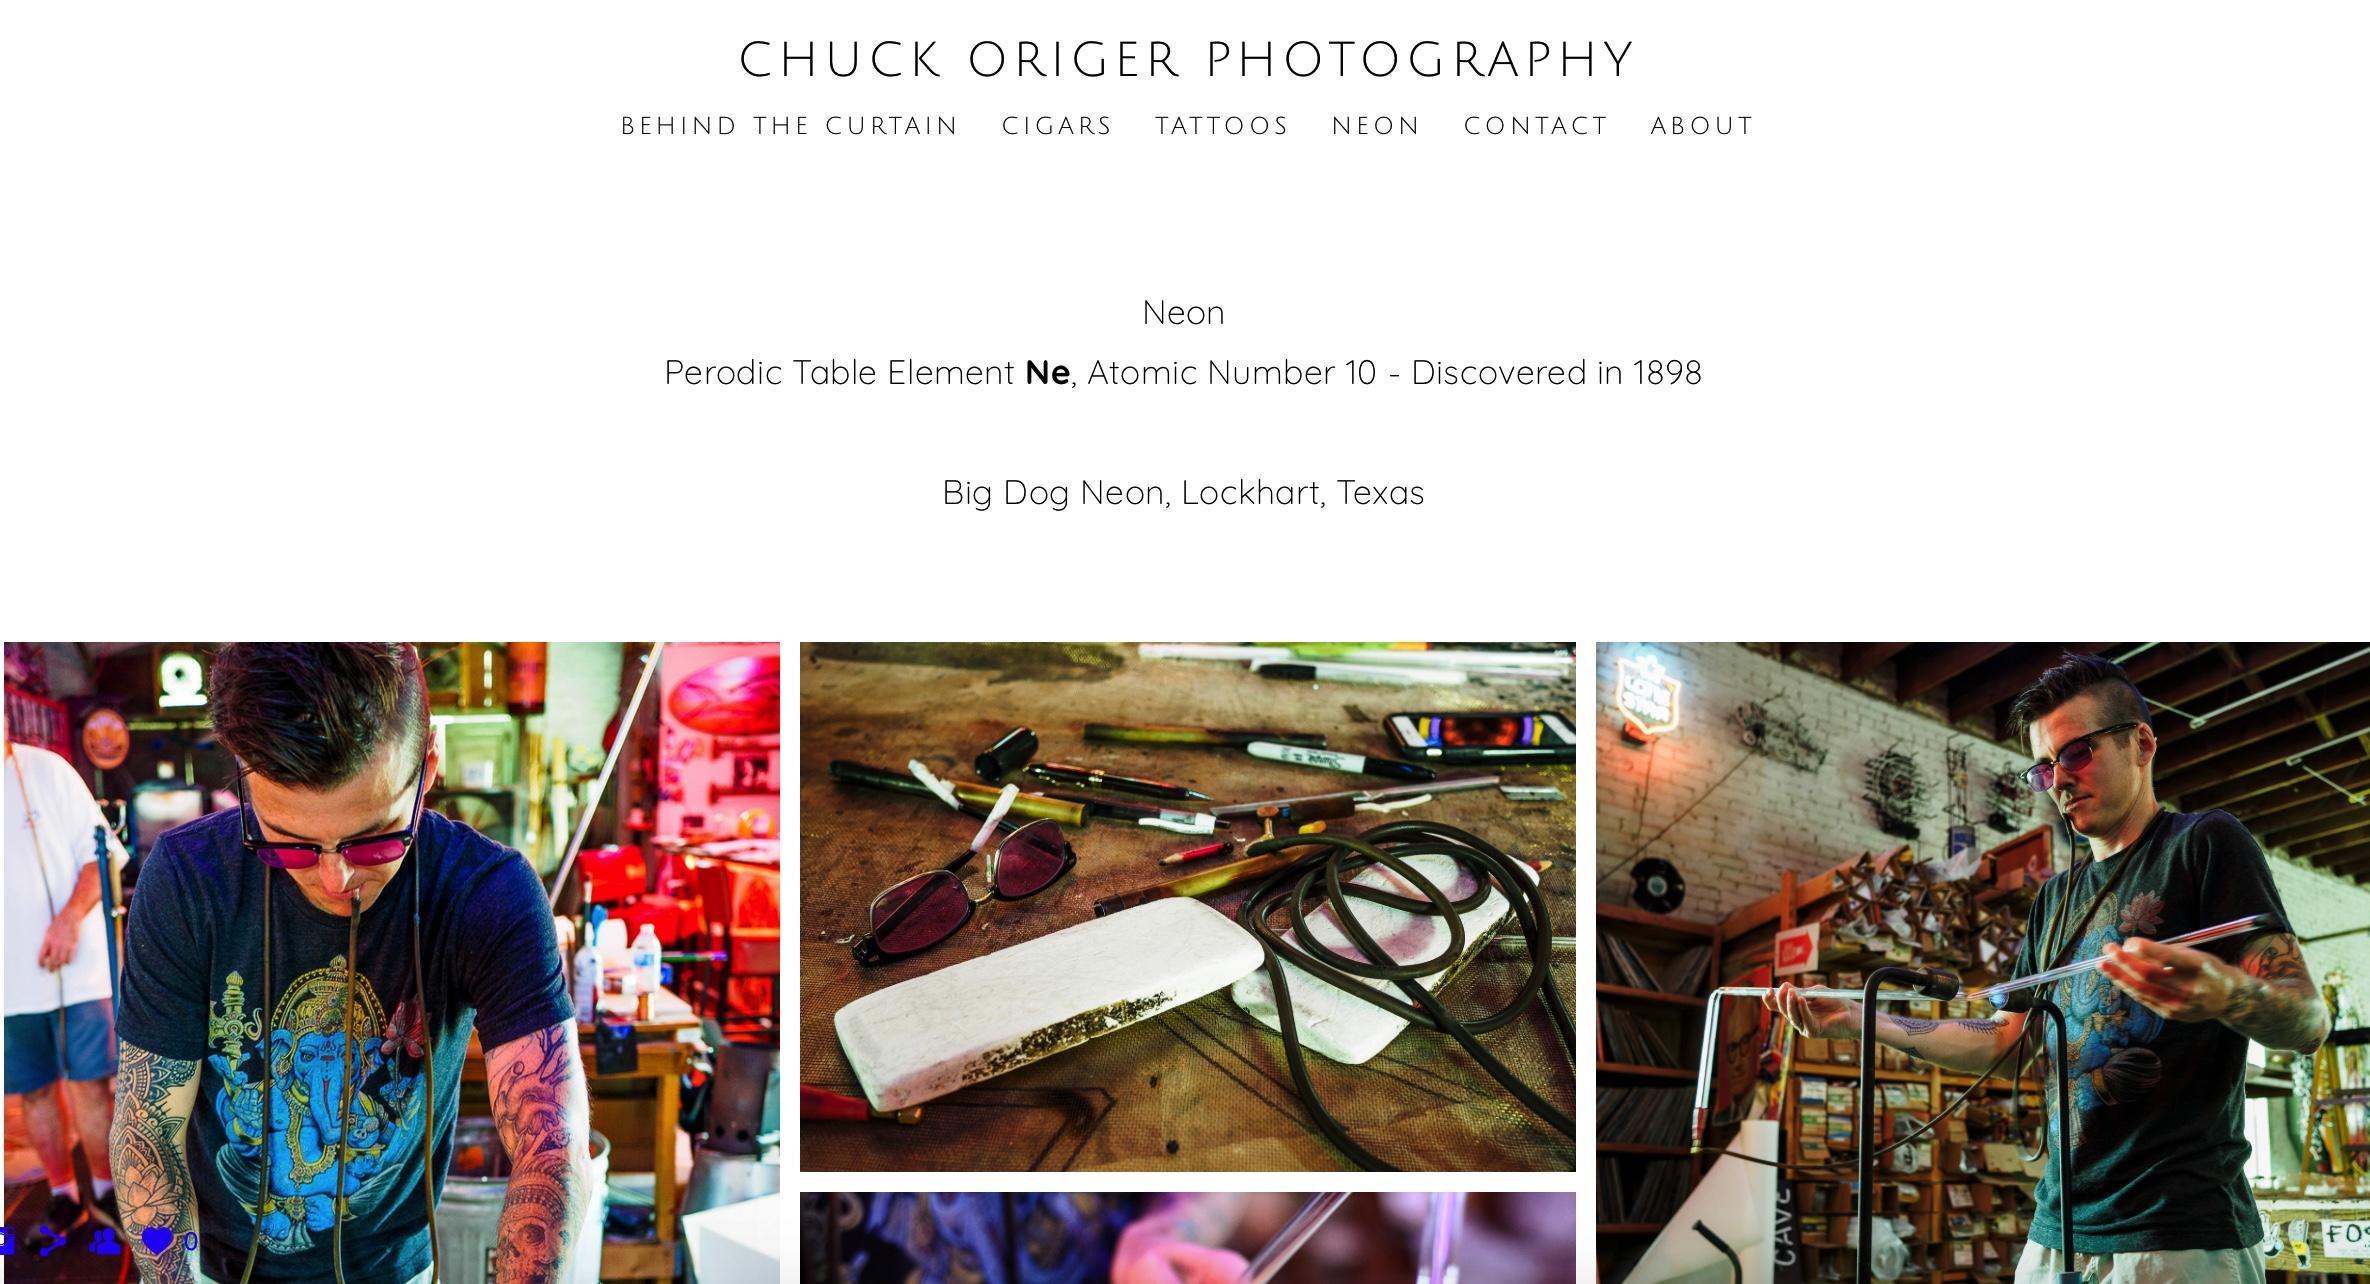 http://thedigitalstory.com/2018/06/25/chuck-photos.jpg